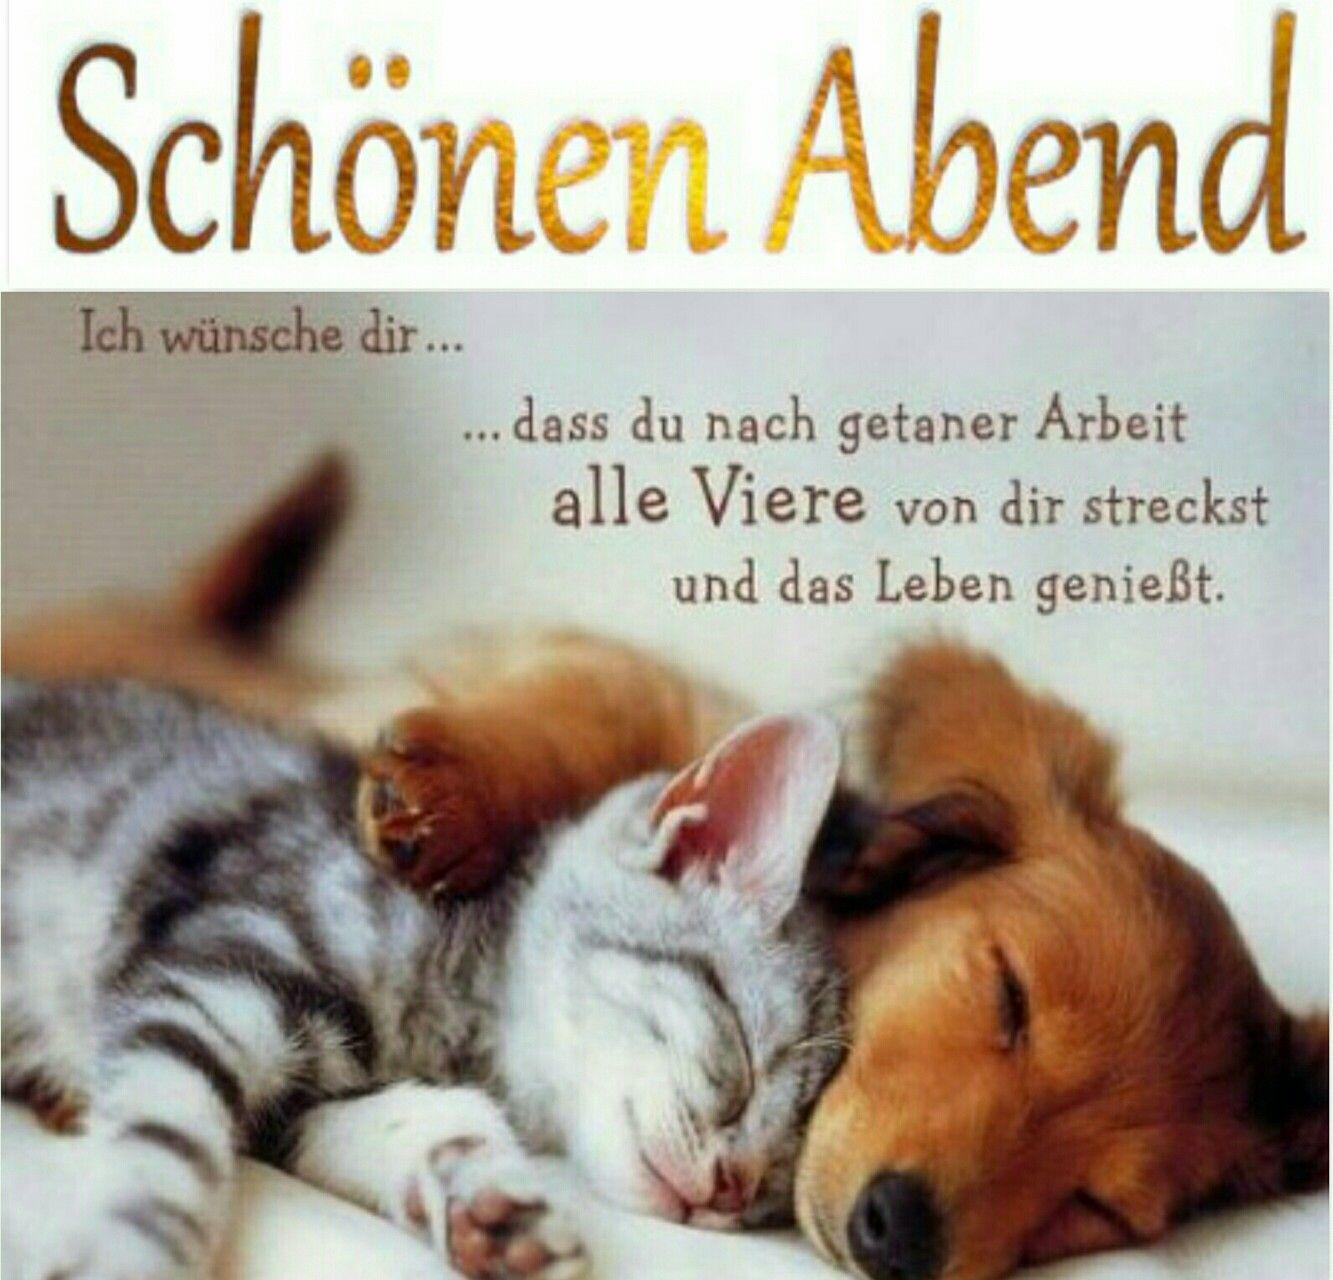 Pin Von Author Velda Brotherton Auf Cute Kittens Gute Nacht Katze Bilder Fur Whatsapp Schonen Abend Bilder